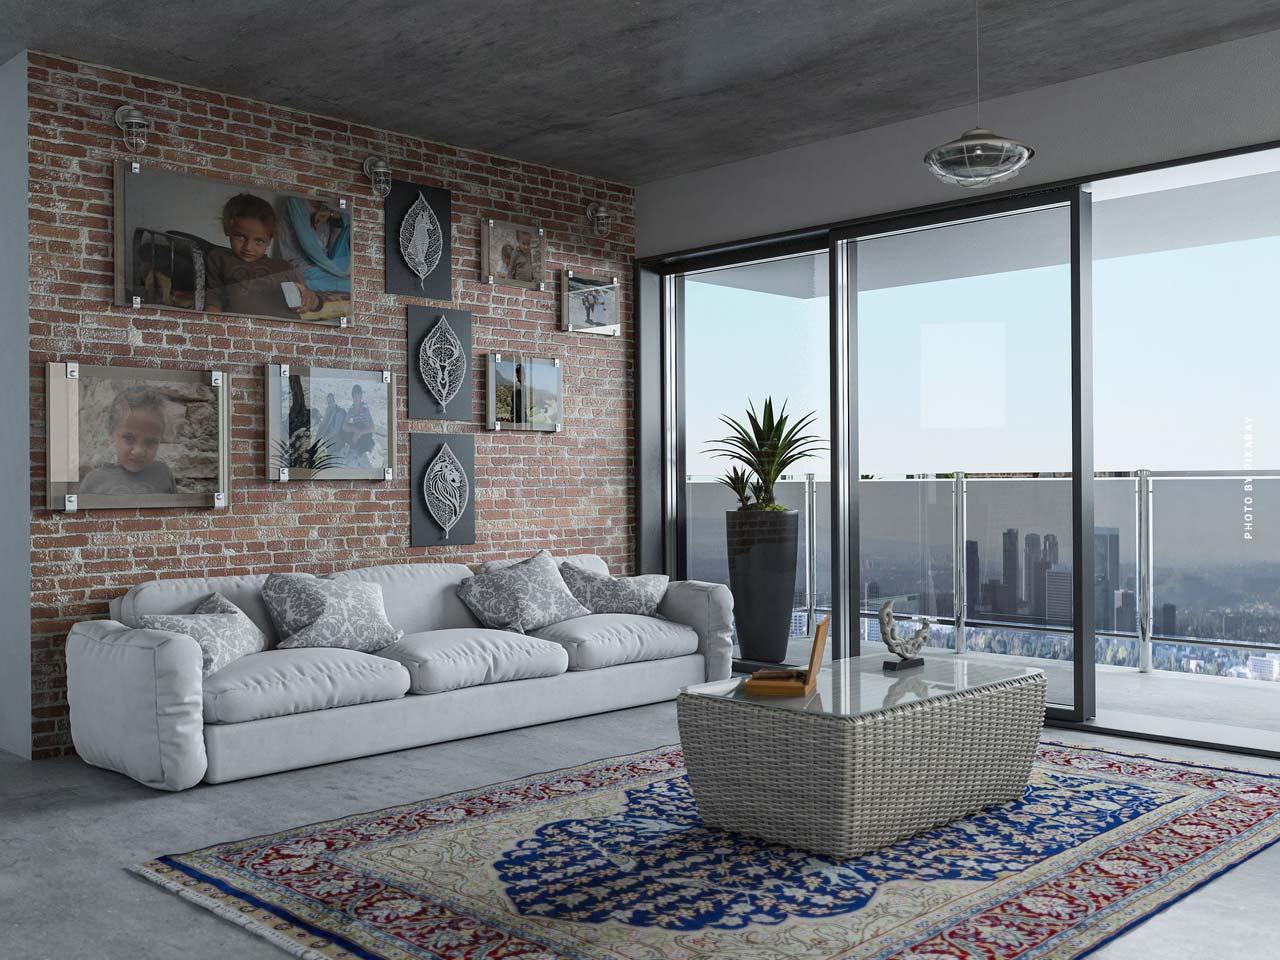 Fendi Casa - muebles, lámparas y accesorios de la marca de lujo italiana